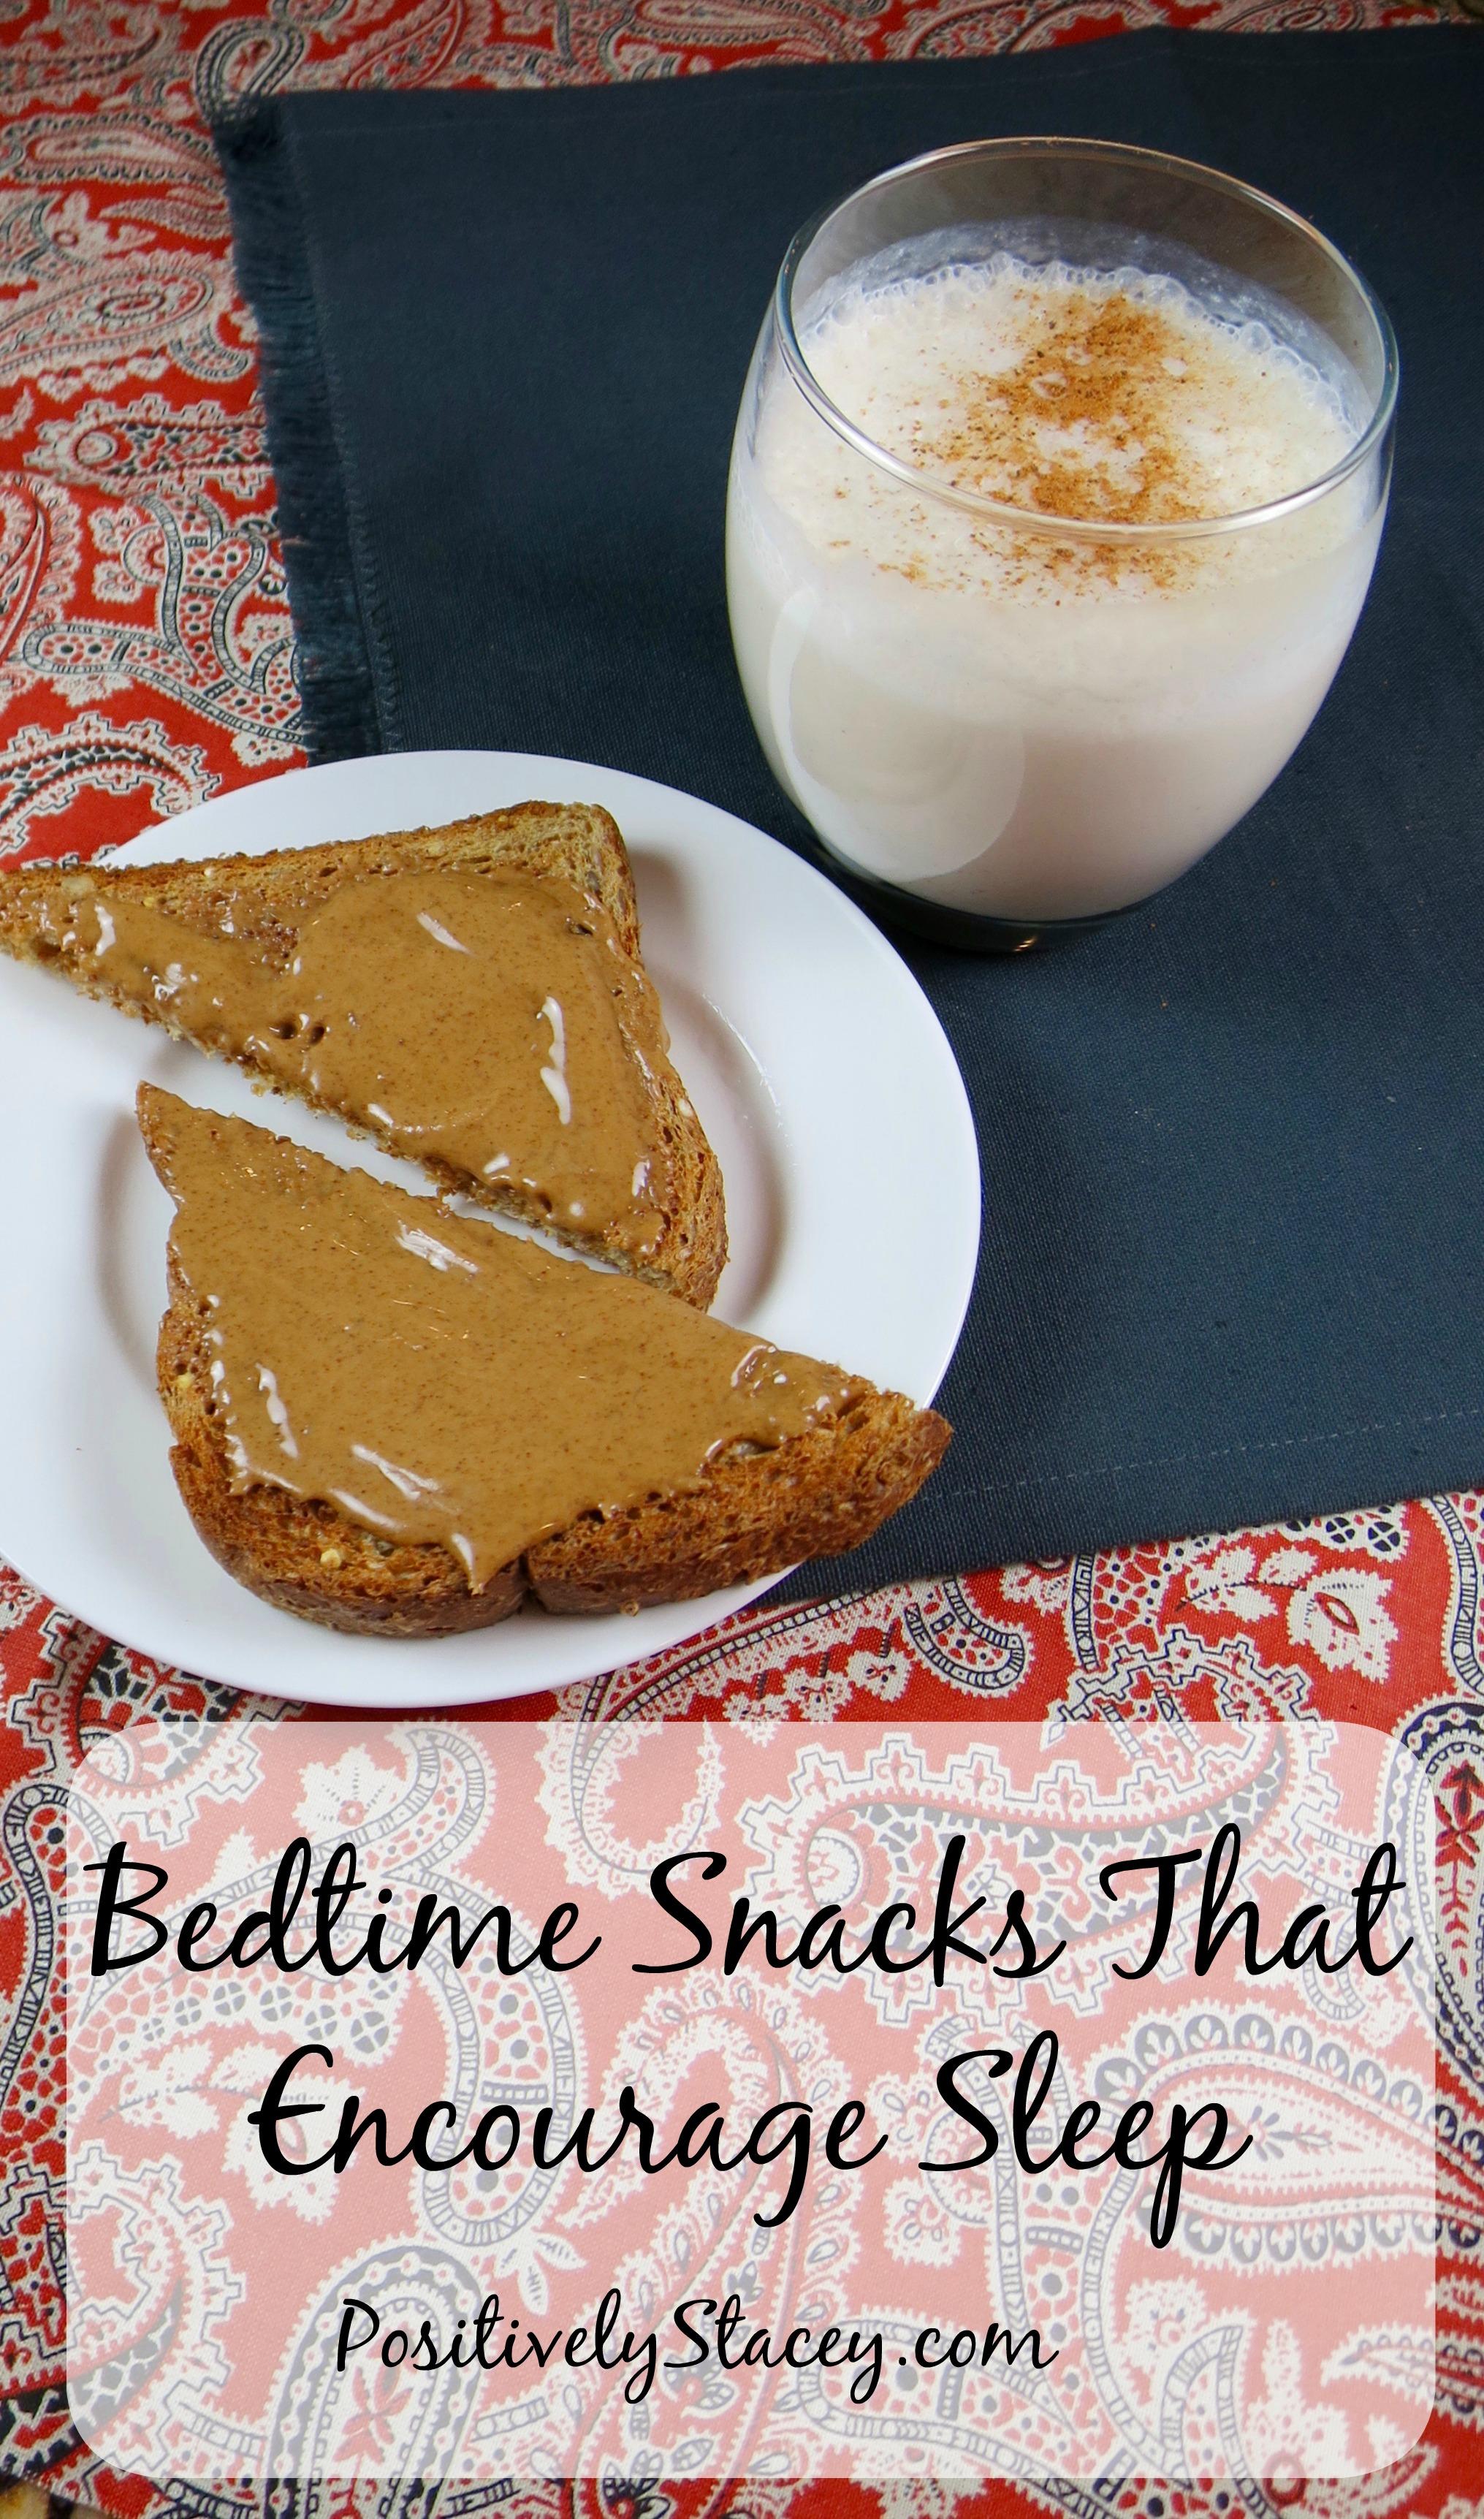 Bedtime Snacks that Encourage Sleep